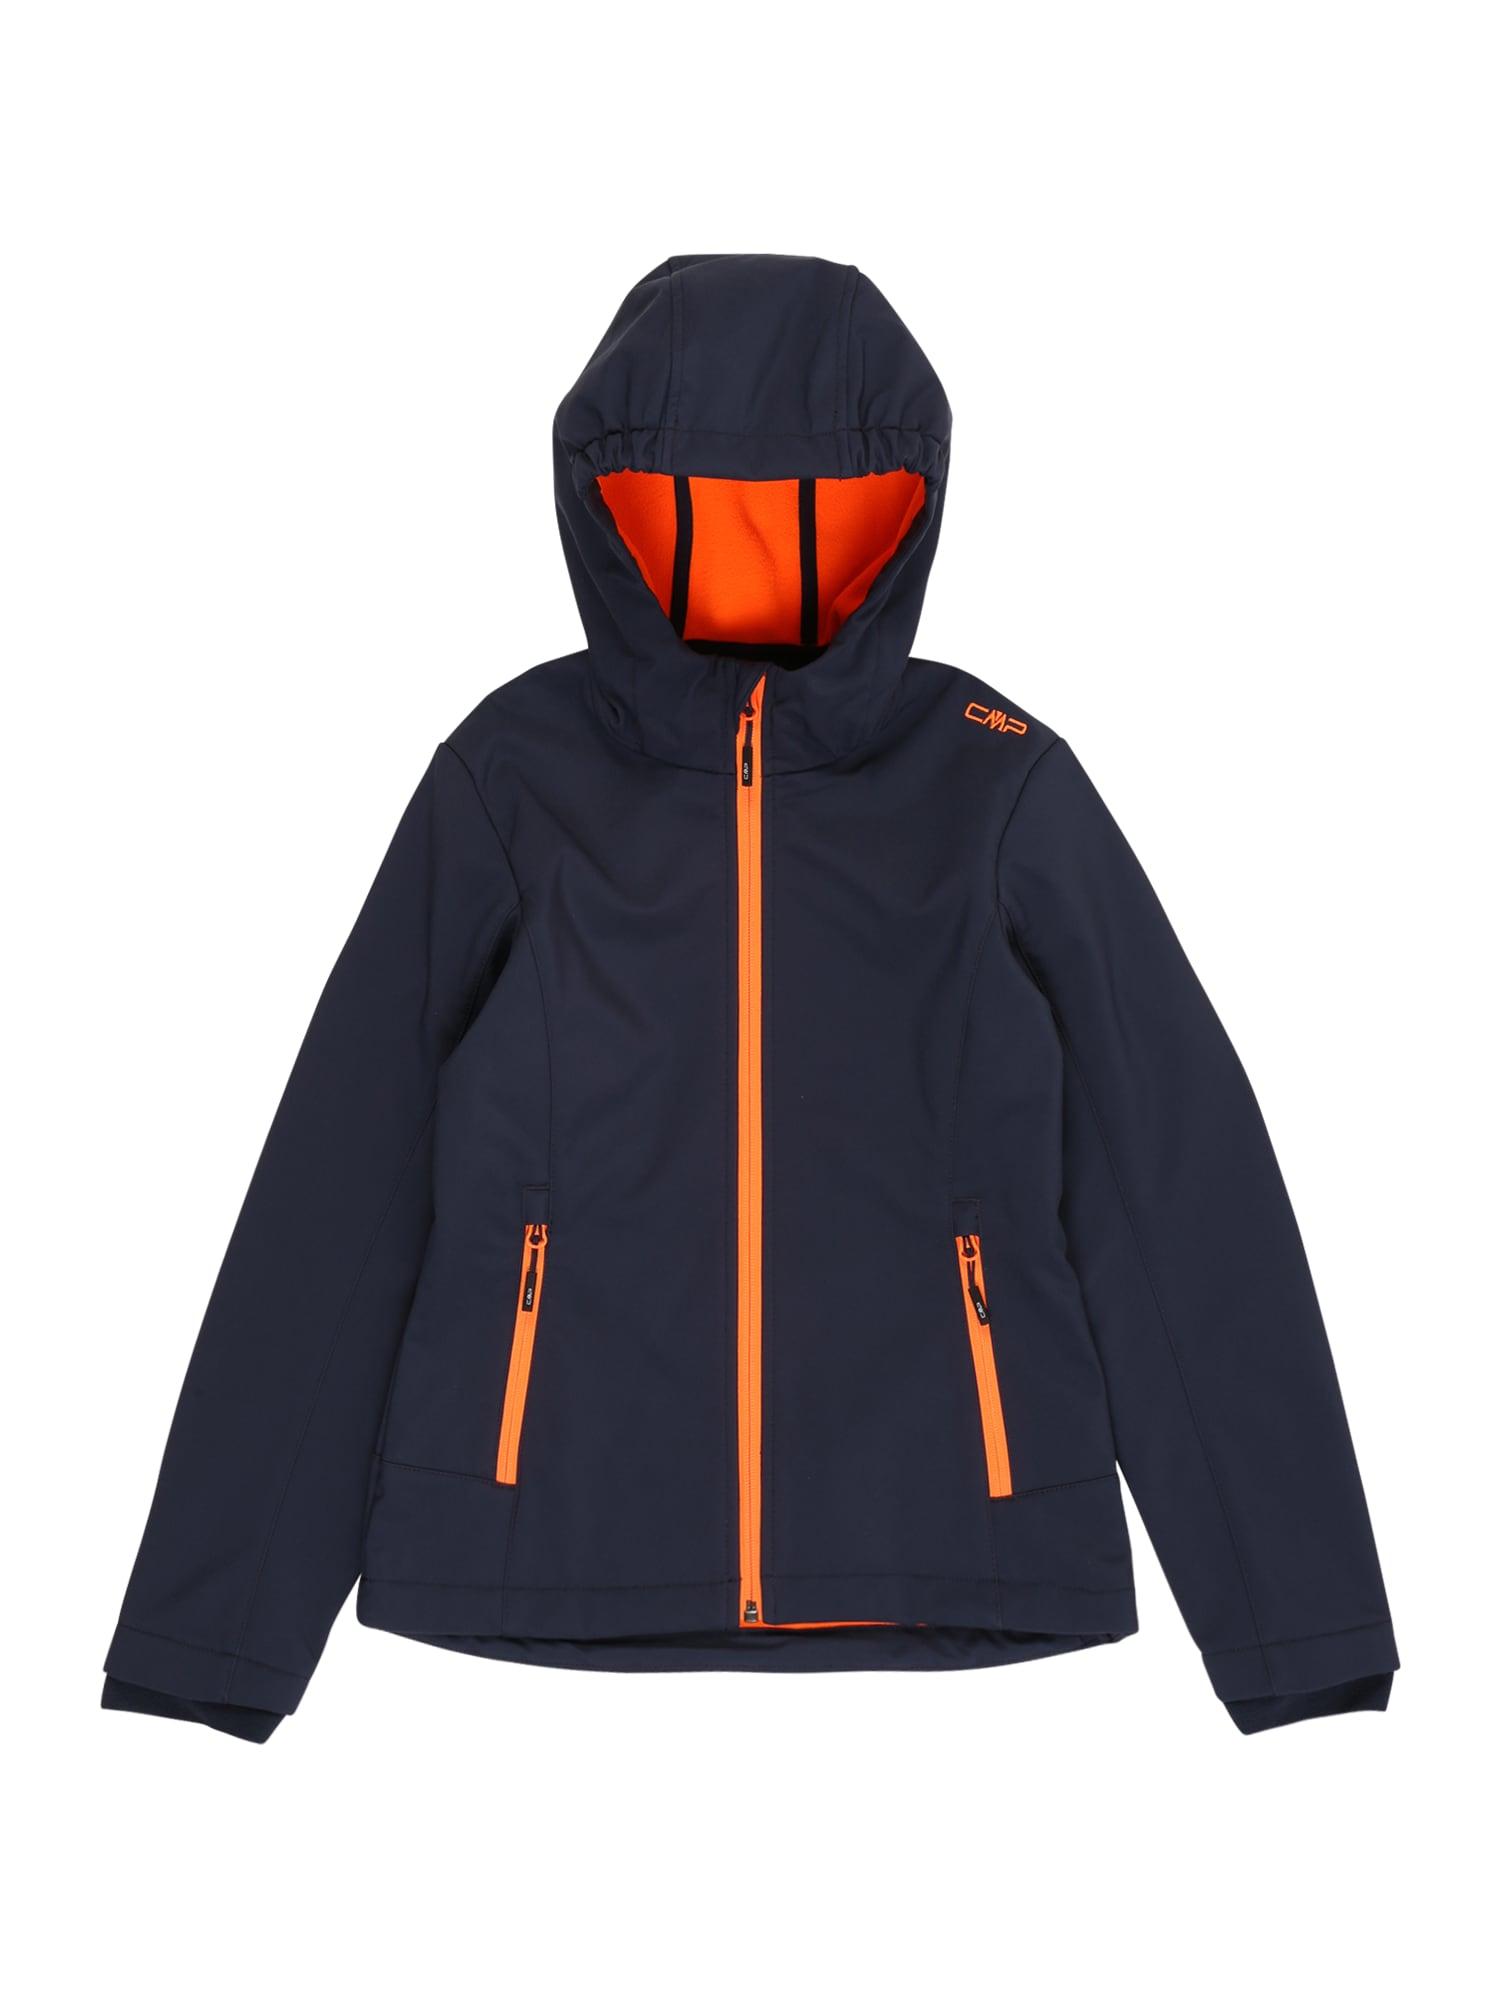 CMP Laisvalaikio striukė mėlyna / oranžinė